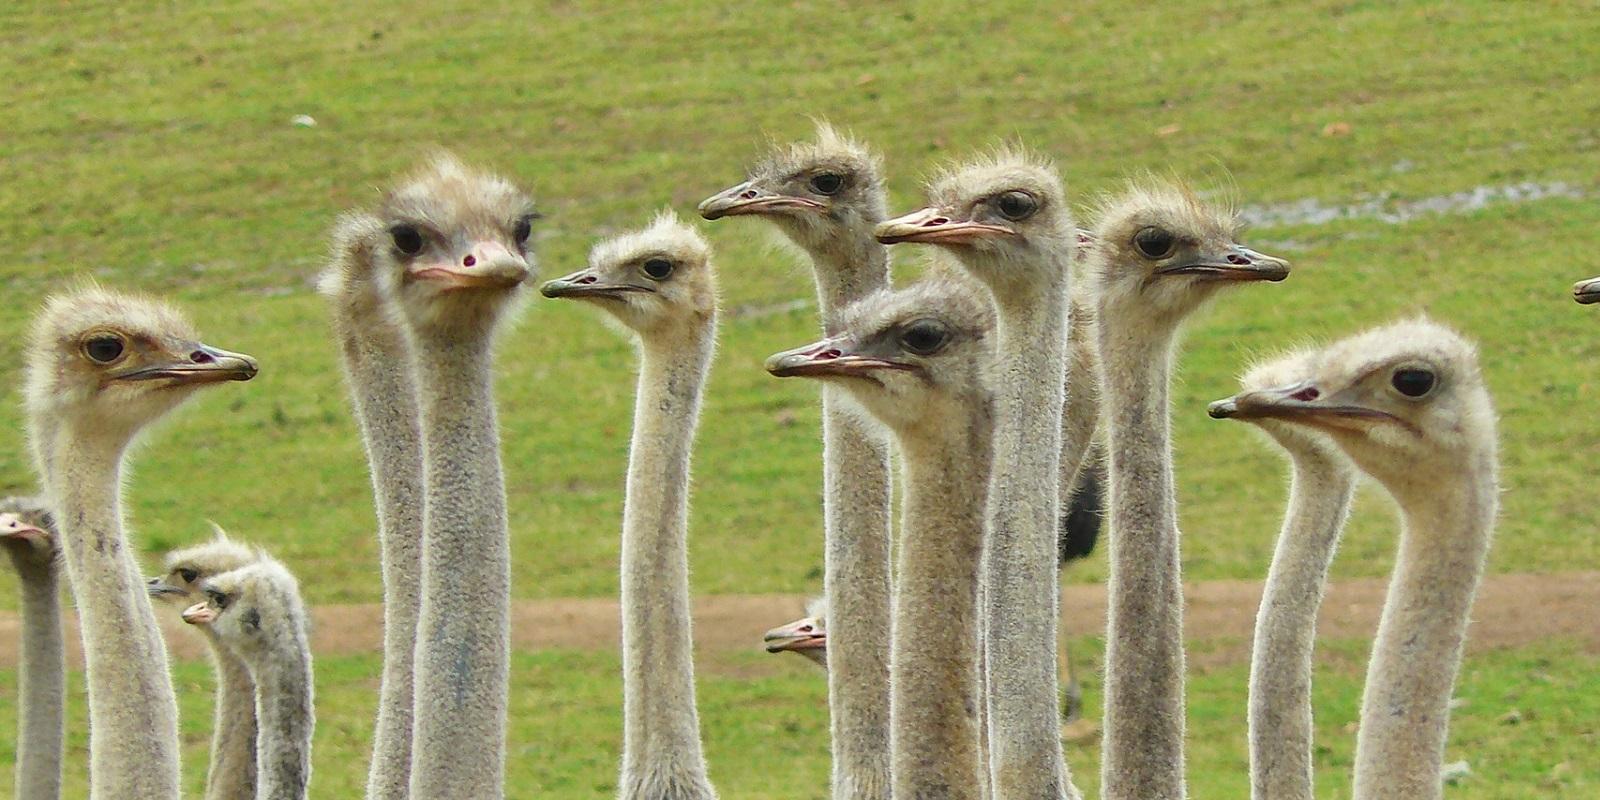 Struzzi in un viaggio in Sudafrica